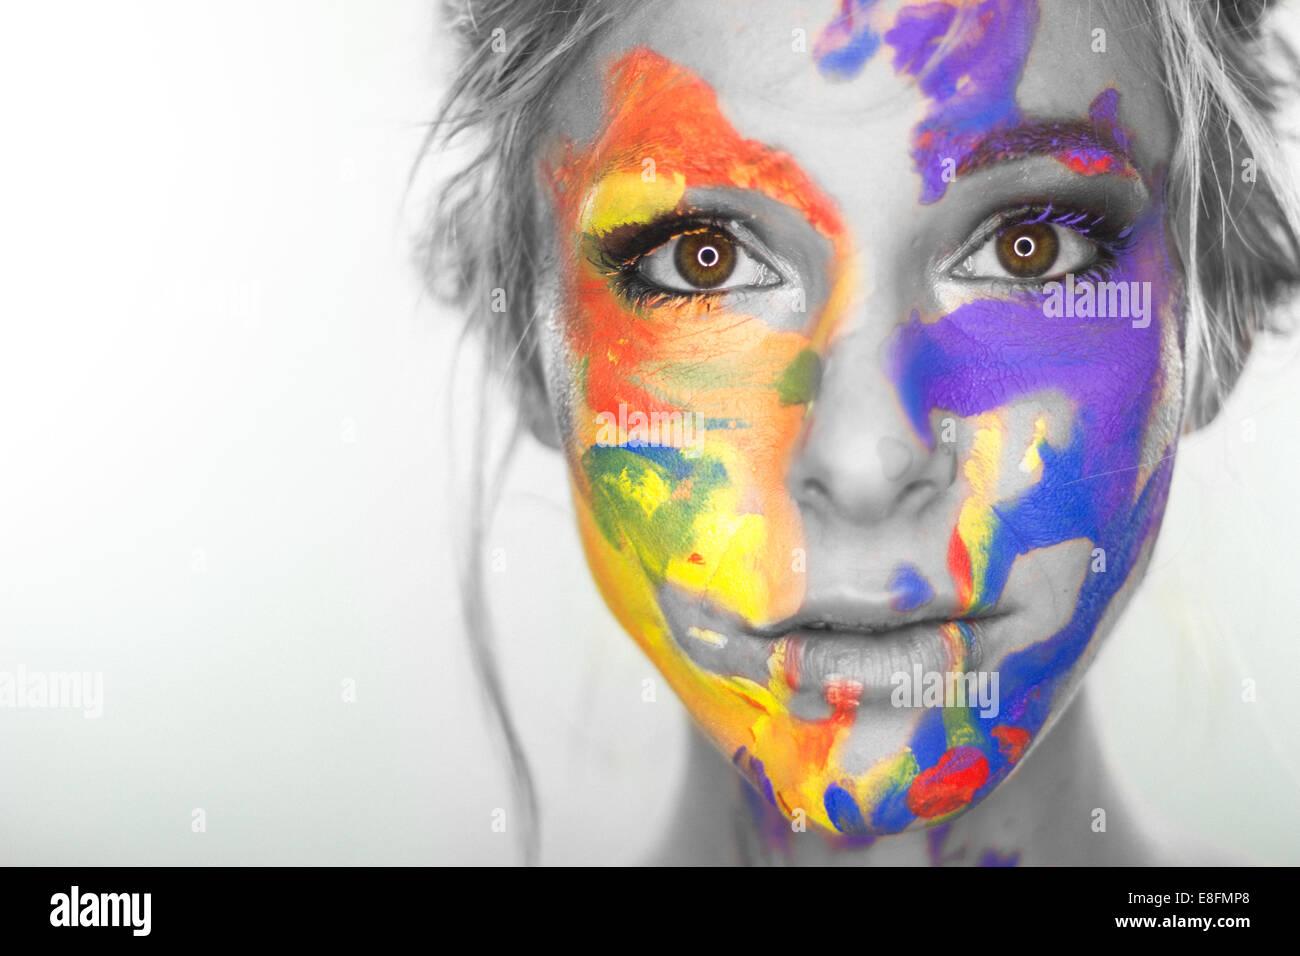 Studio colpo di testa di donna con la faccia dipinta Immagini Stock